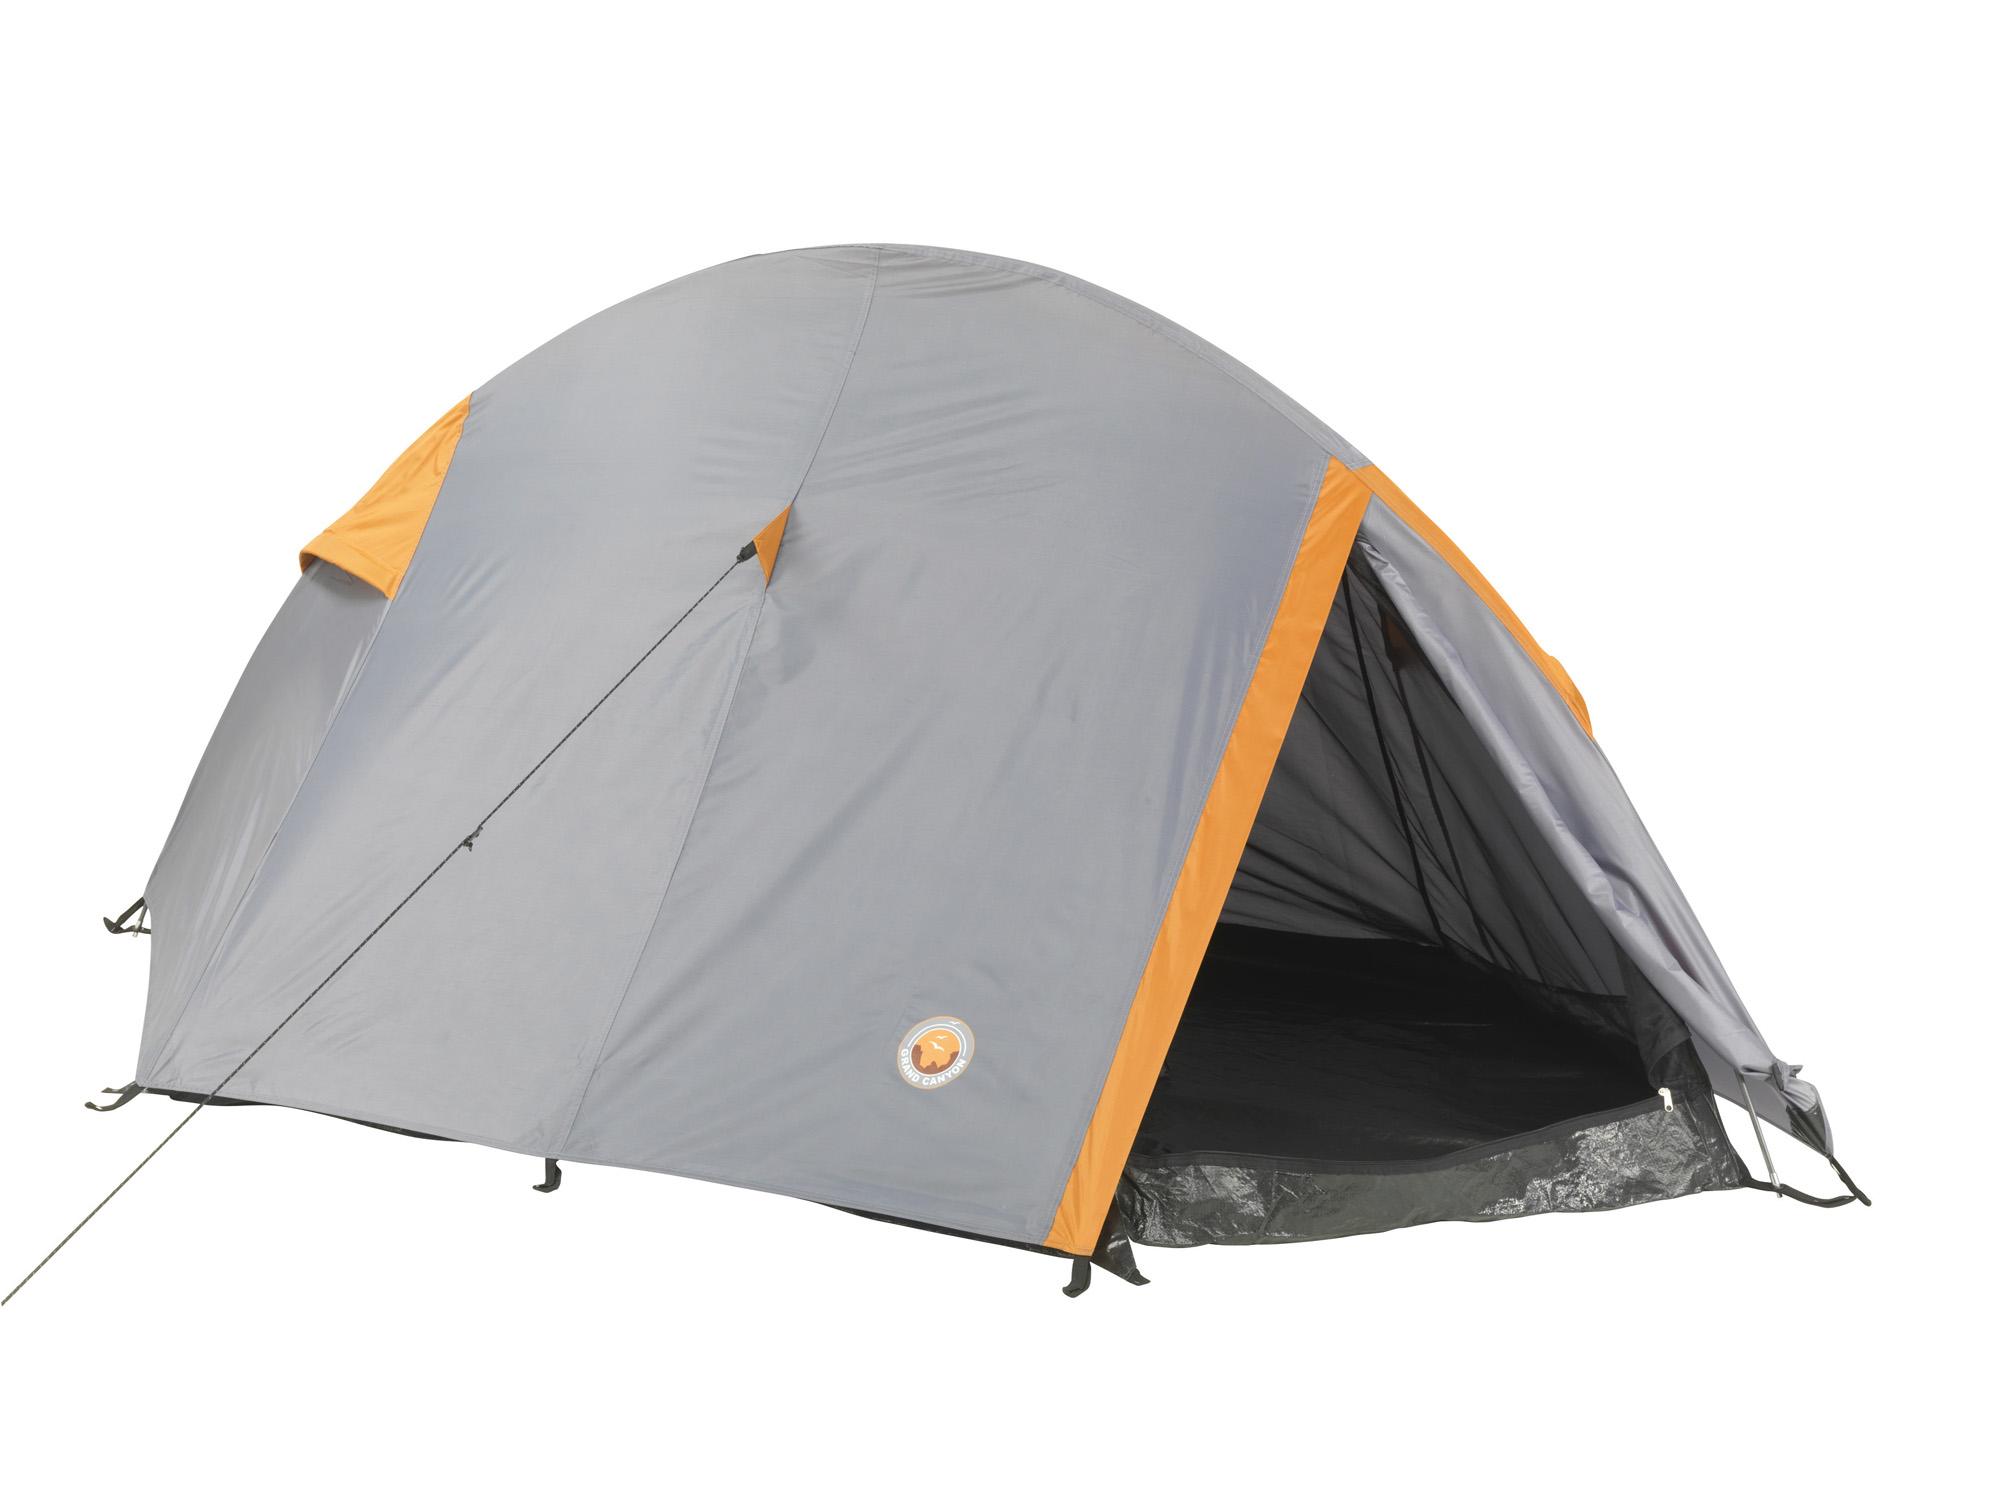 Zelt Für Zwei Personen Leicht : Personen zelt einpersonenzelt outdoor zelte